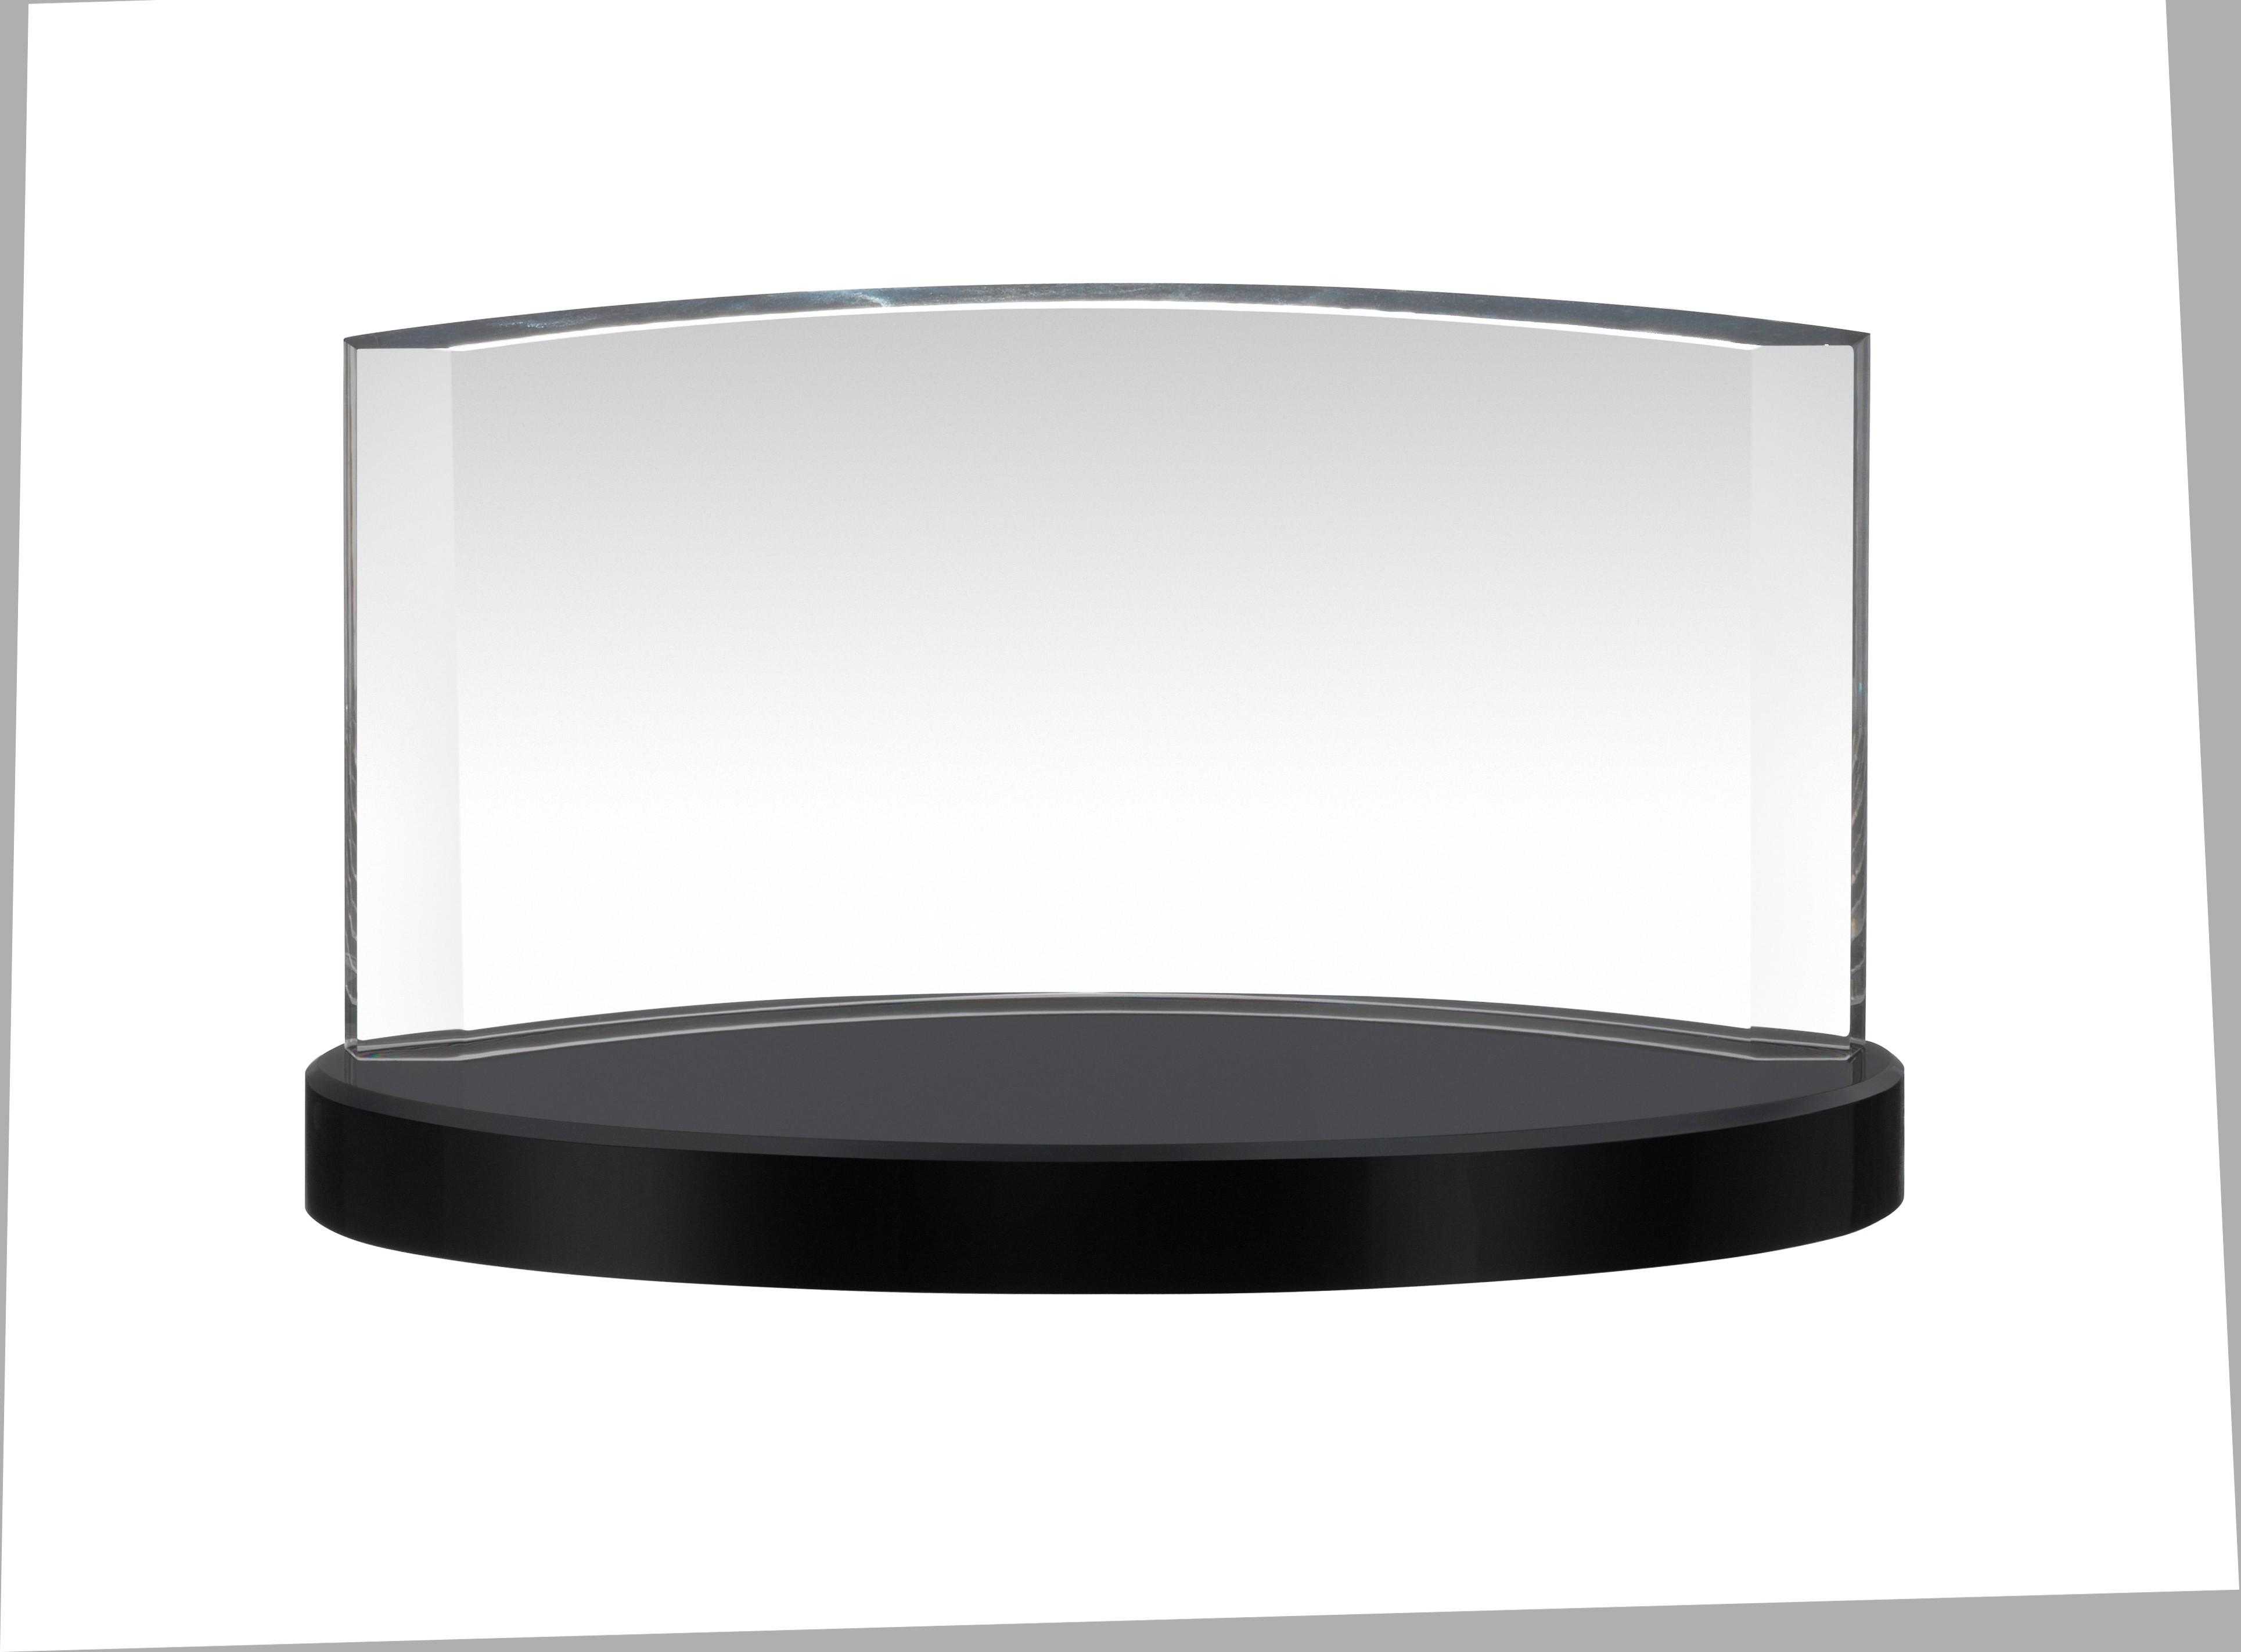 7x12.5cm Clear & Black Crystal Award in Box